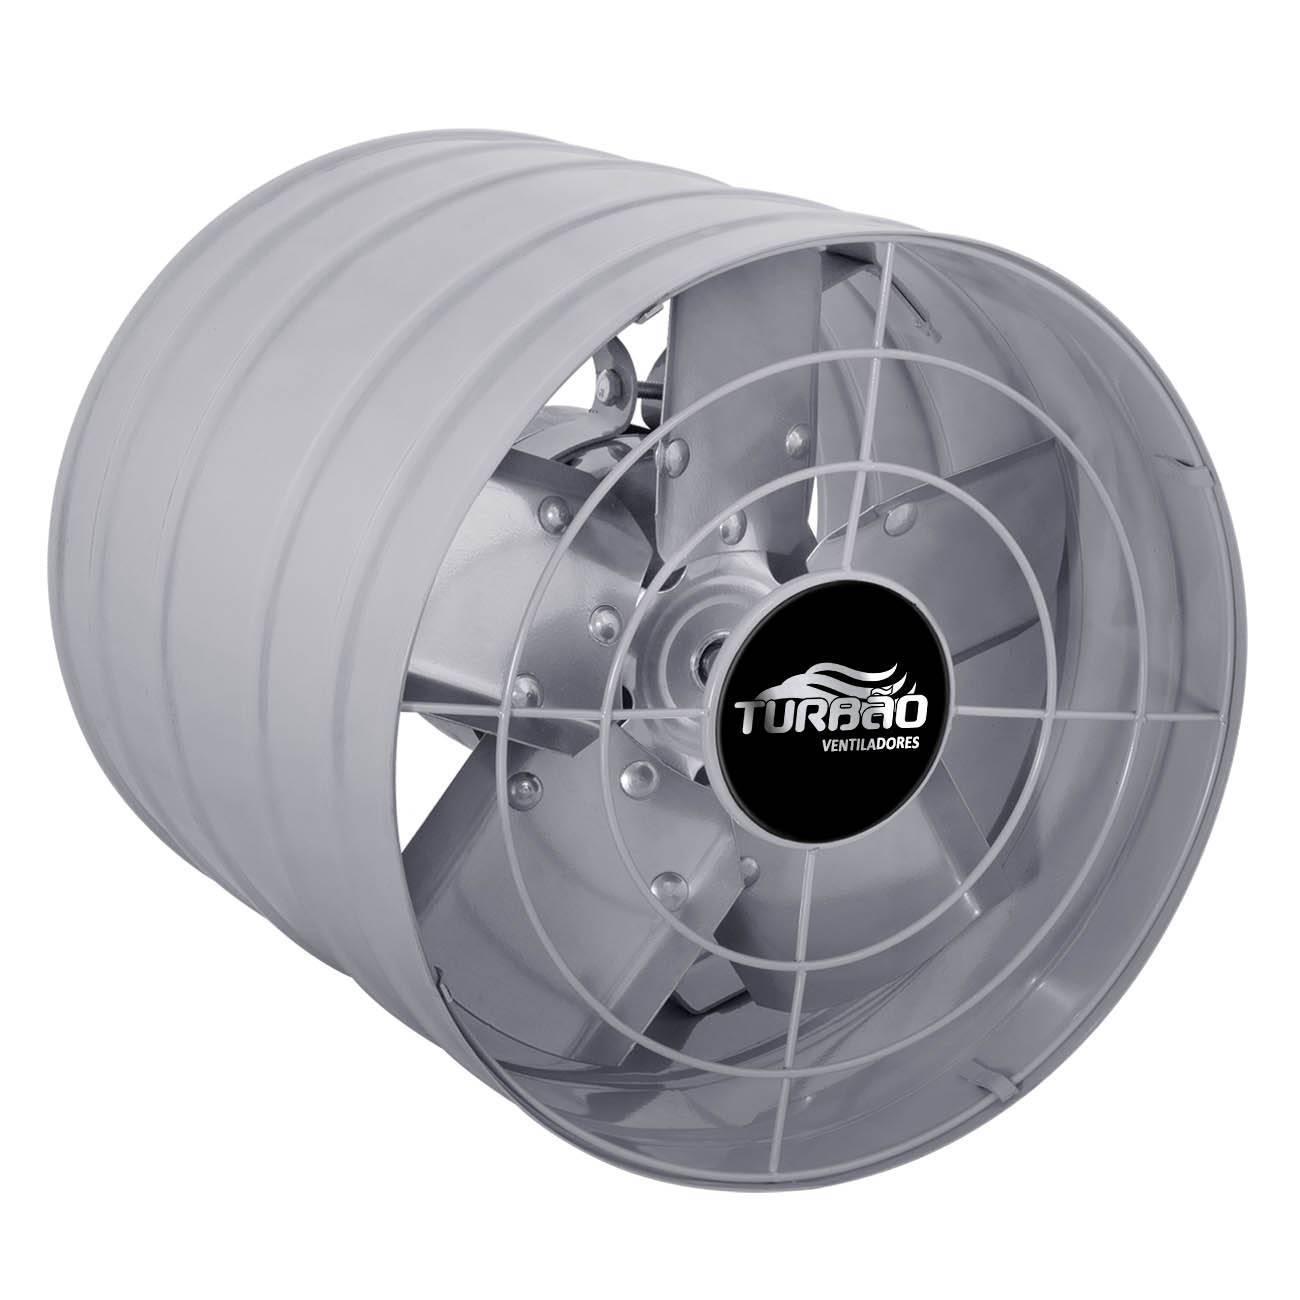 Exaustor Industrial/Comercial 30cm Turbão Alta Vazão - LCGELETRO